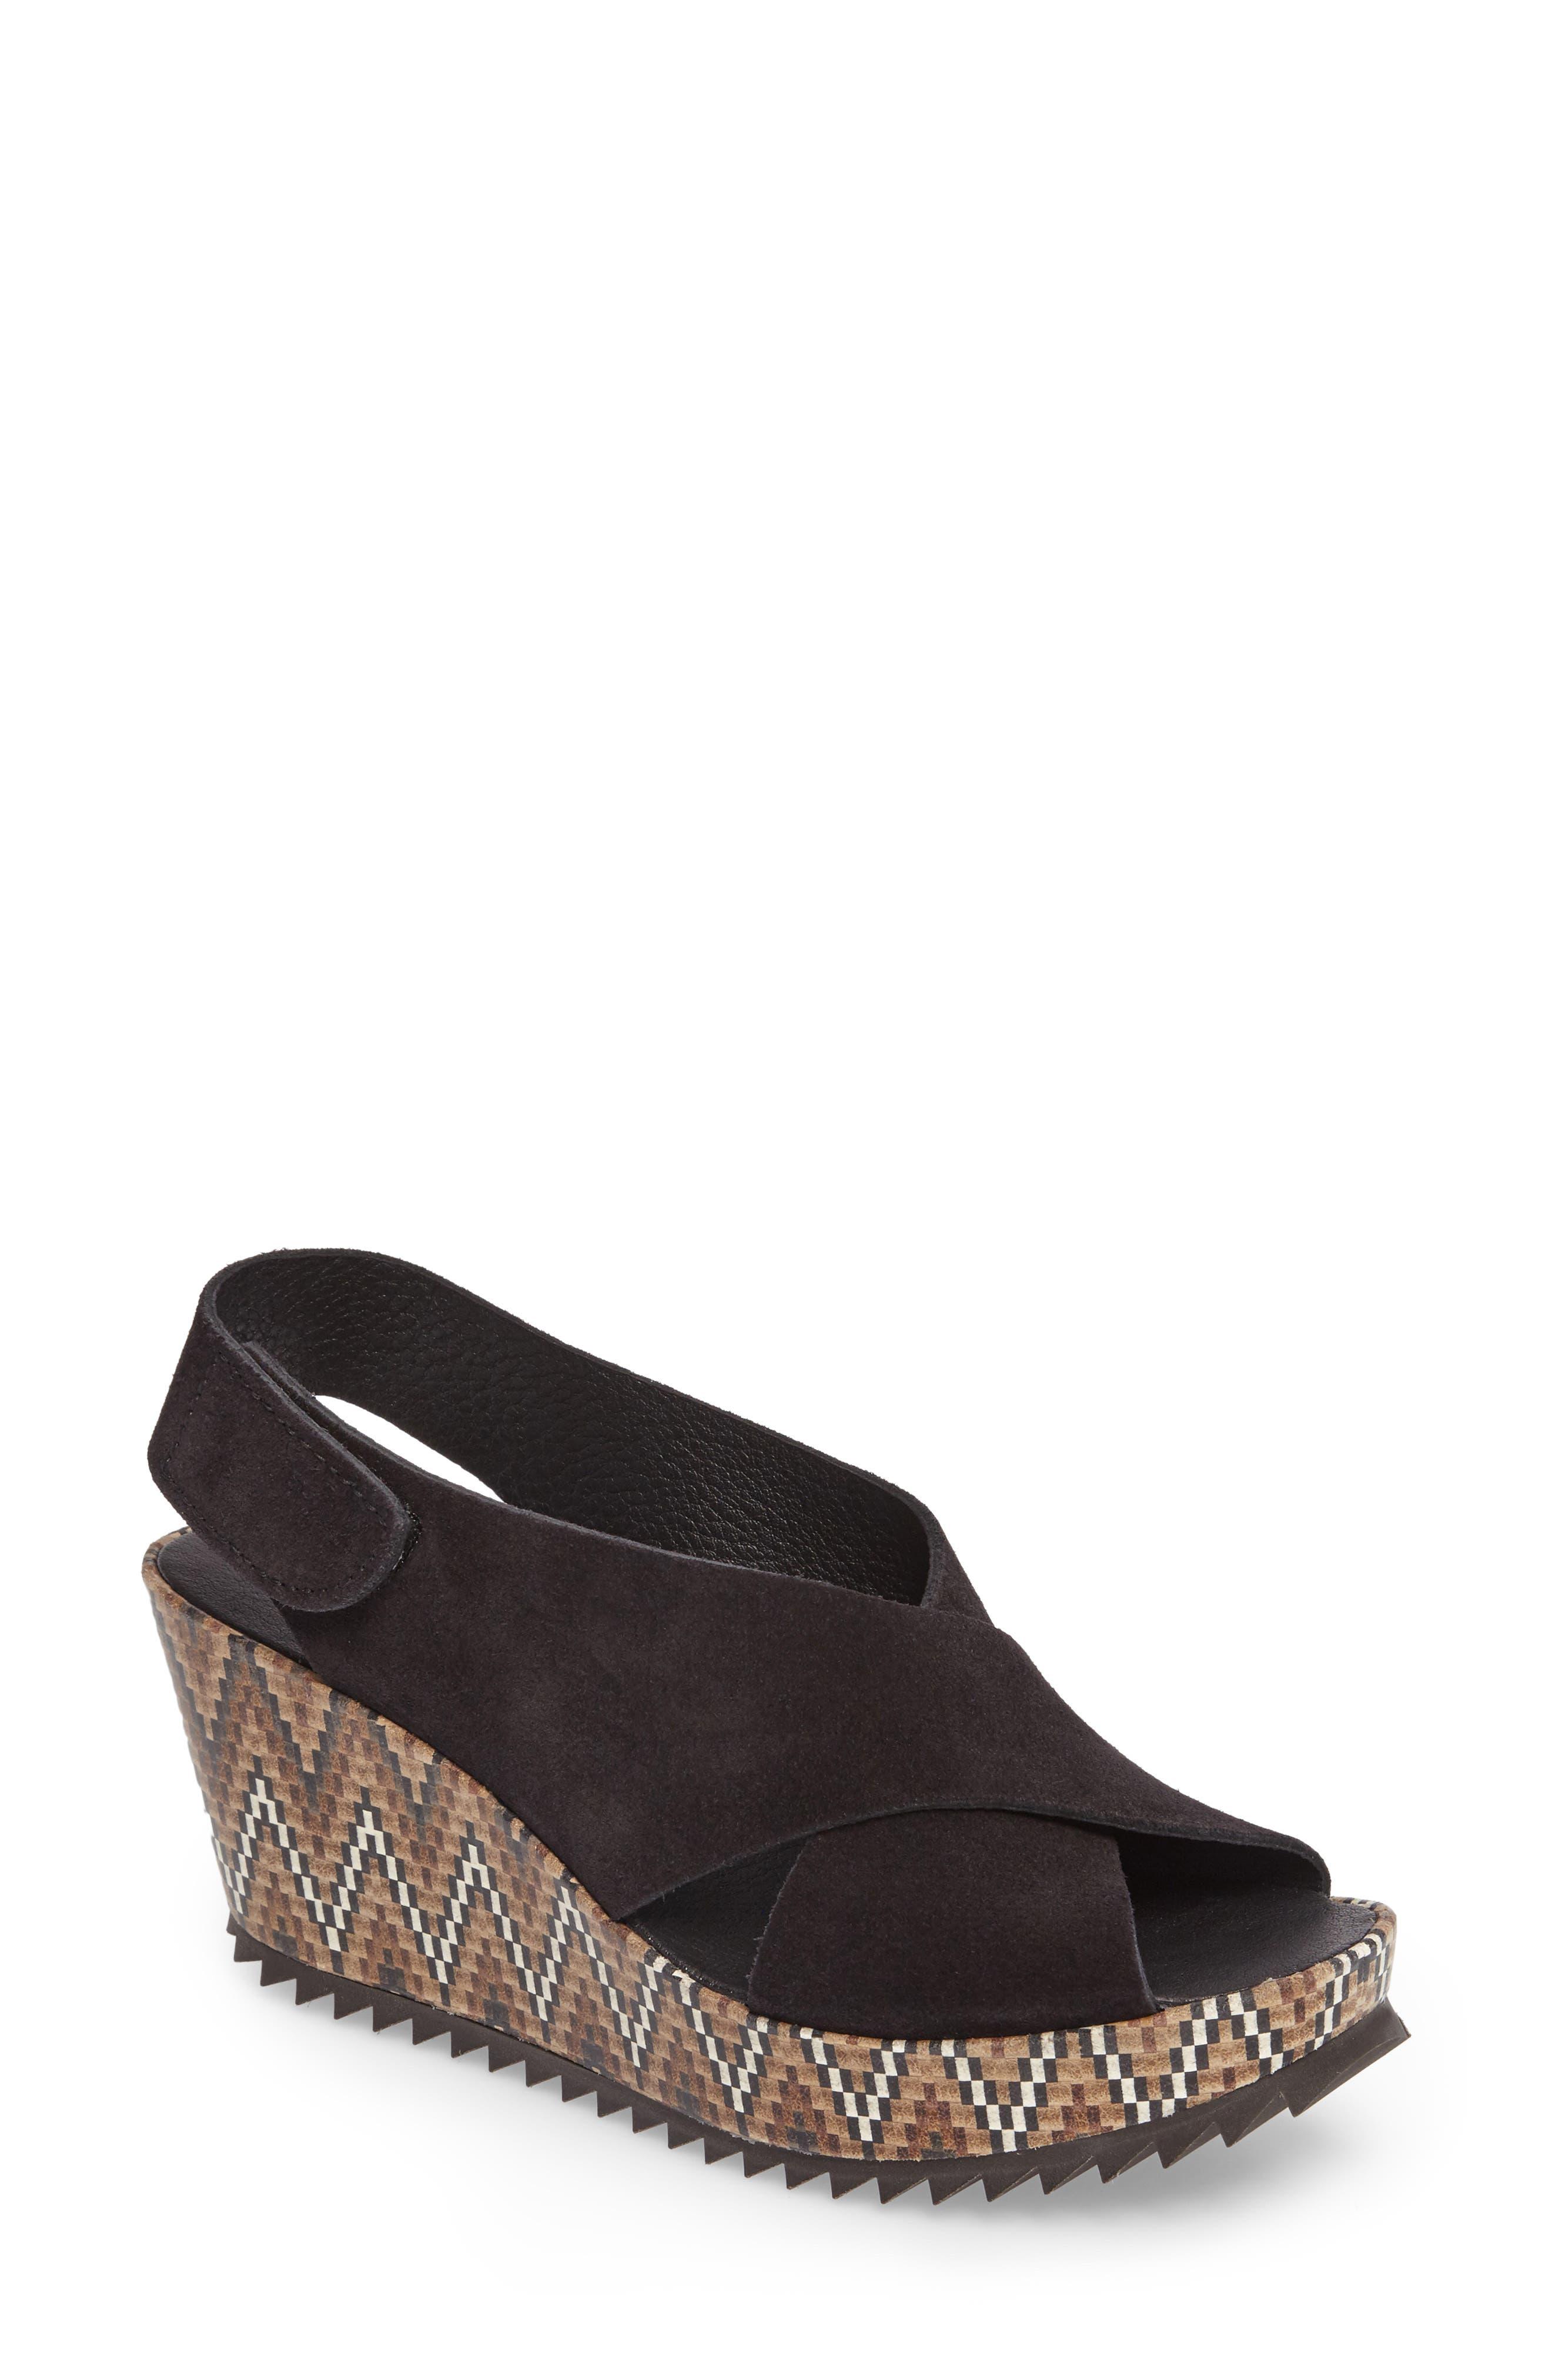 'Federica' Wedge Sandal,                         Main,                         color, Black Castoro